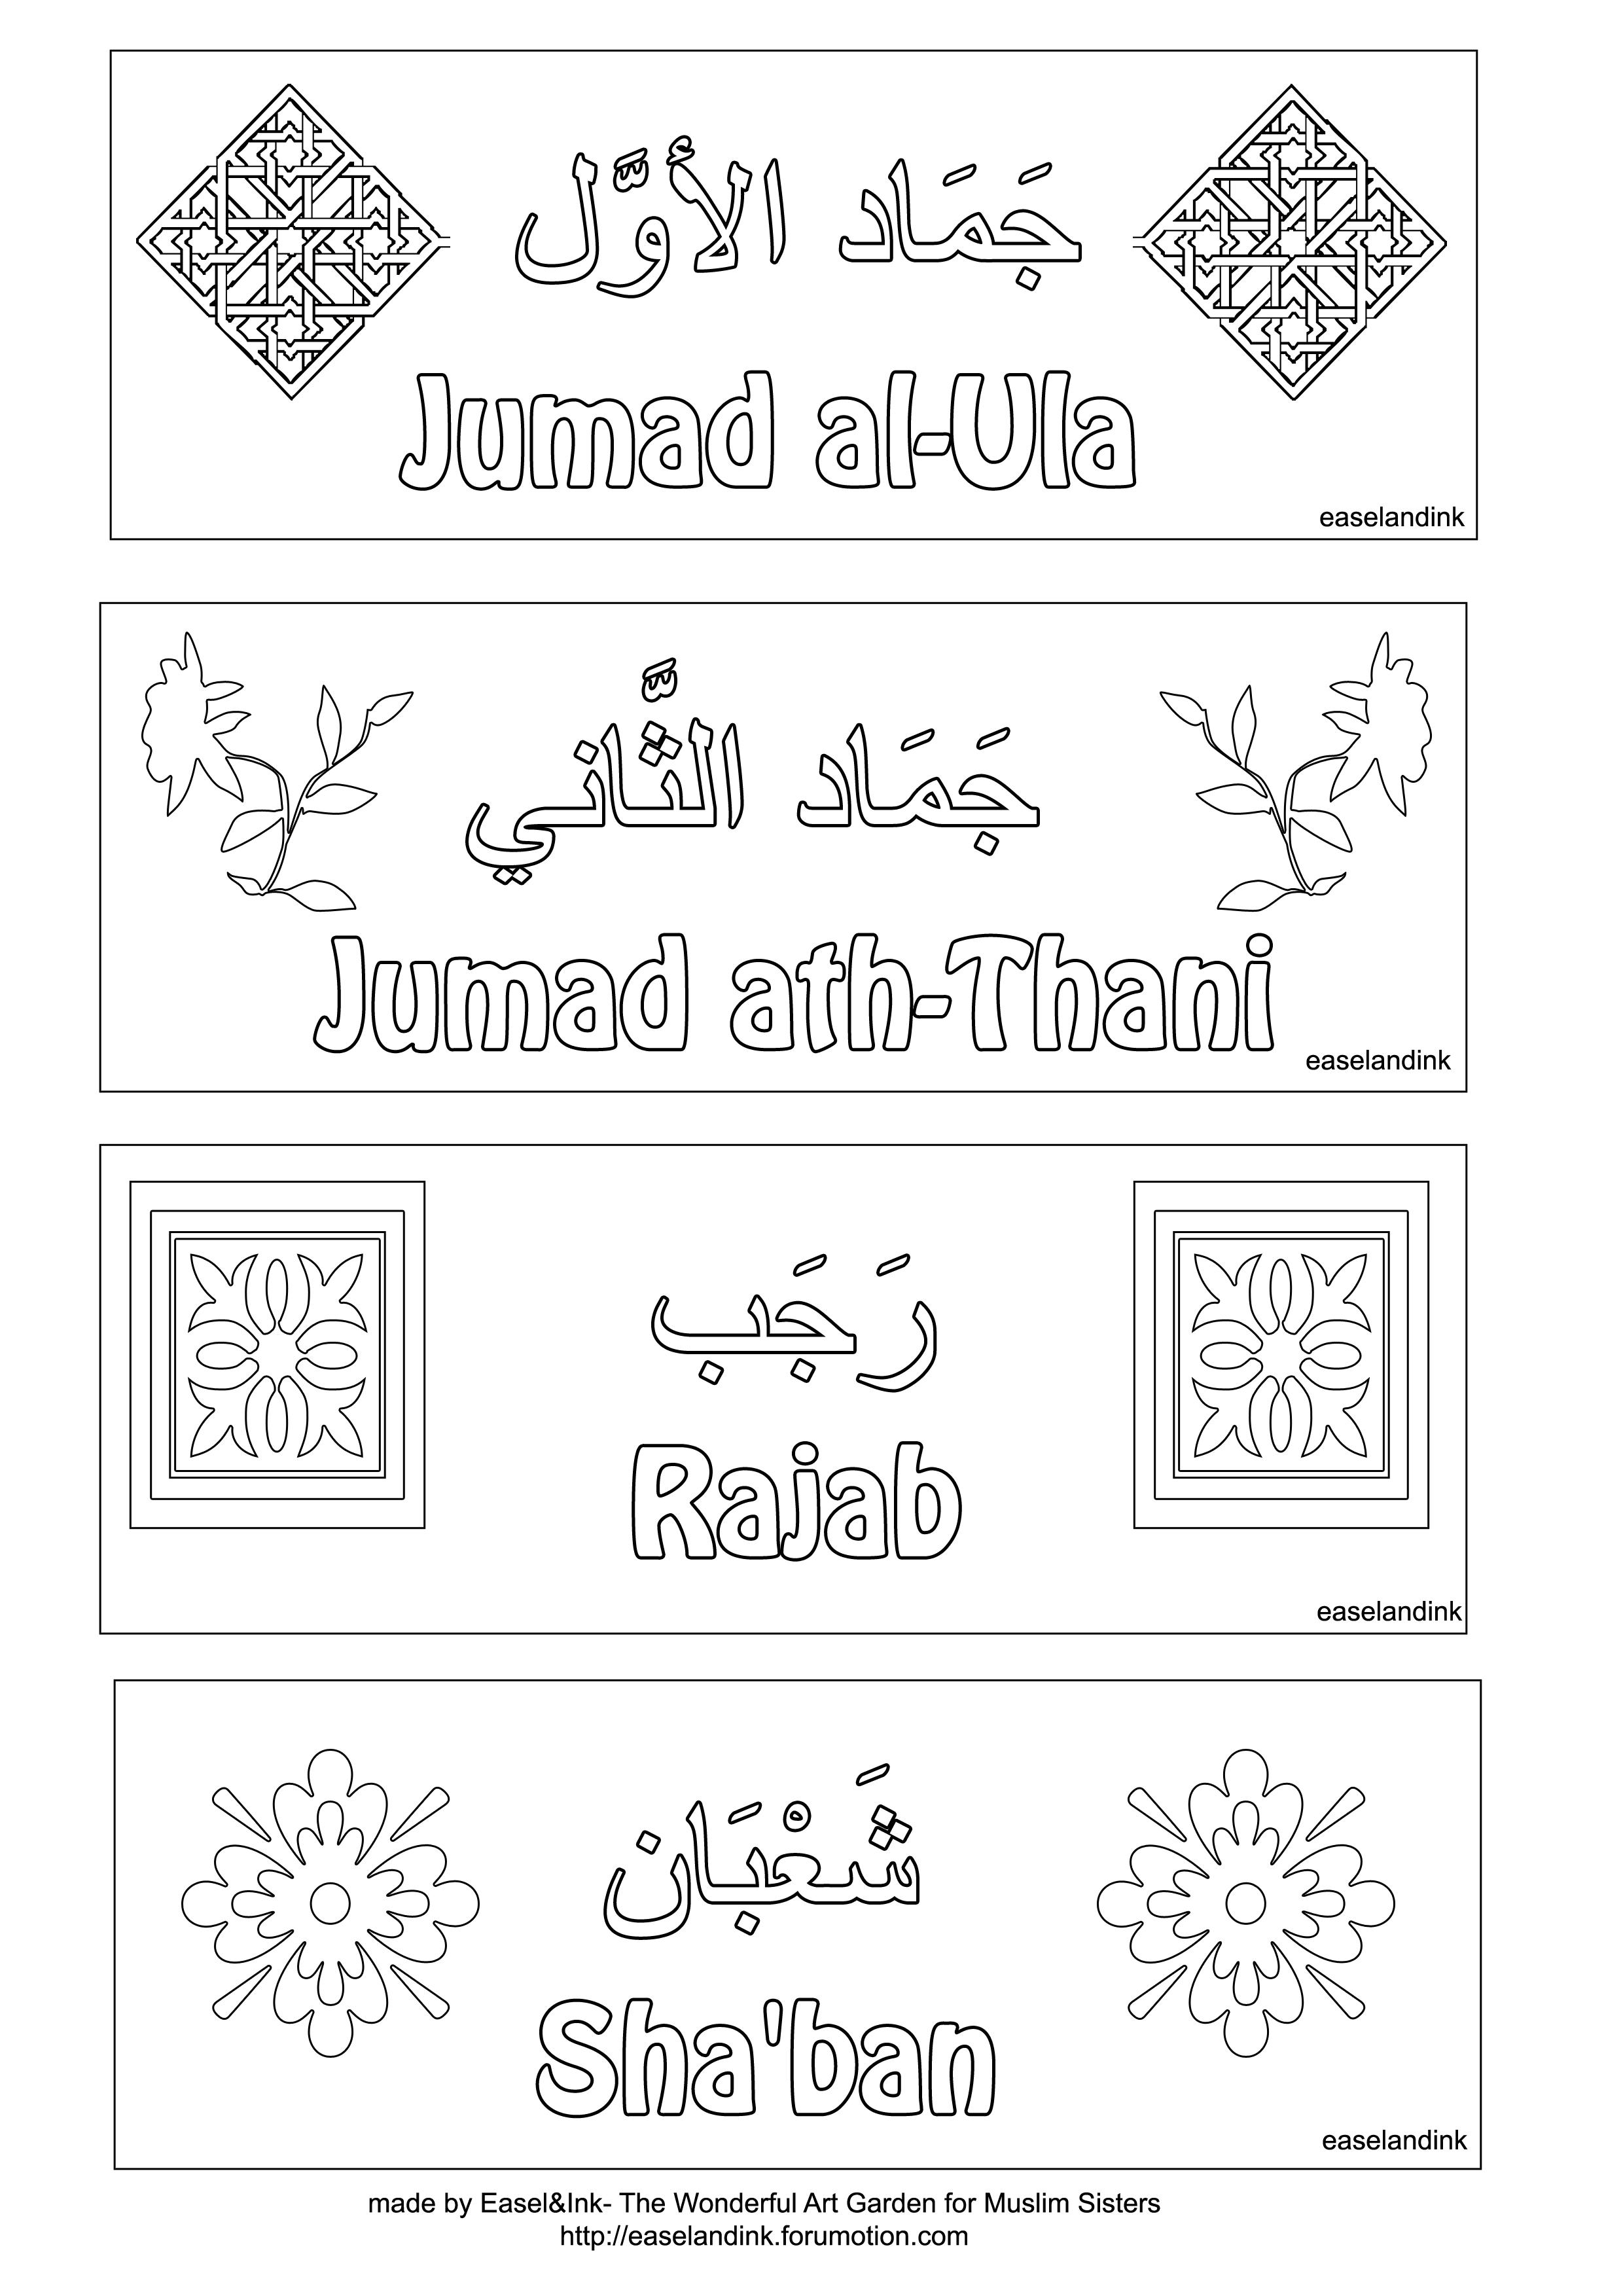 Islamic Months In English And Arabic 5 Jumad Al Ula 6 Jumad Ath Thani 7 Rajab 8 Sha Ban